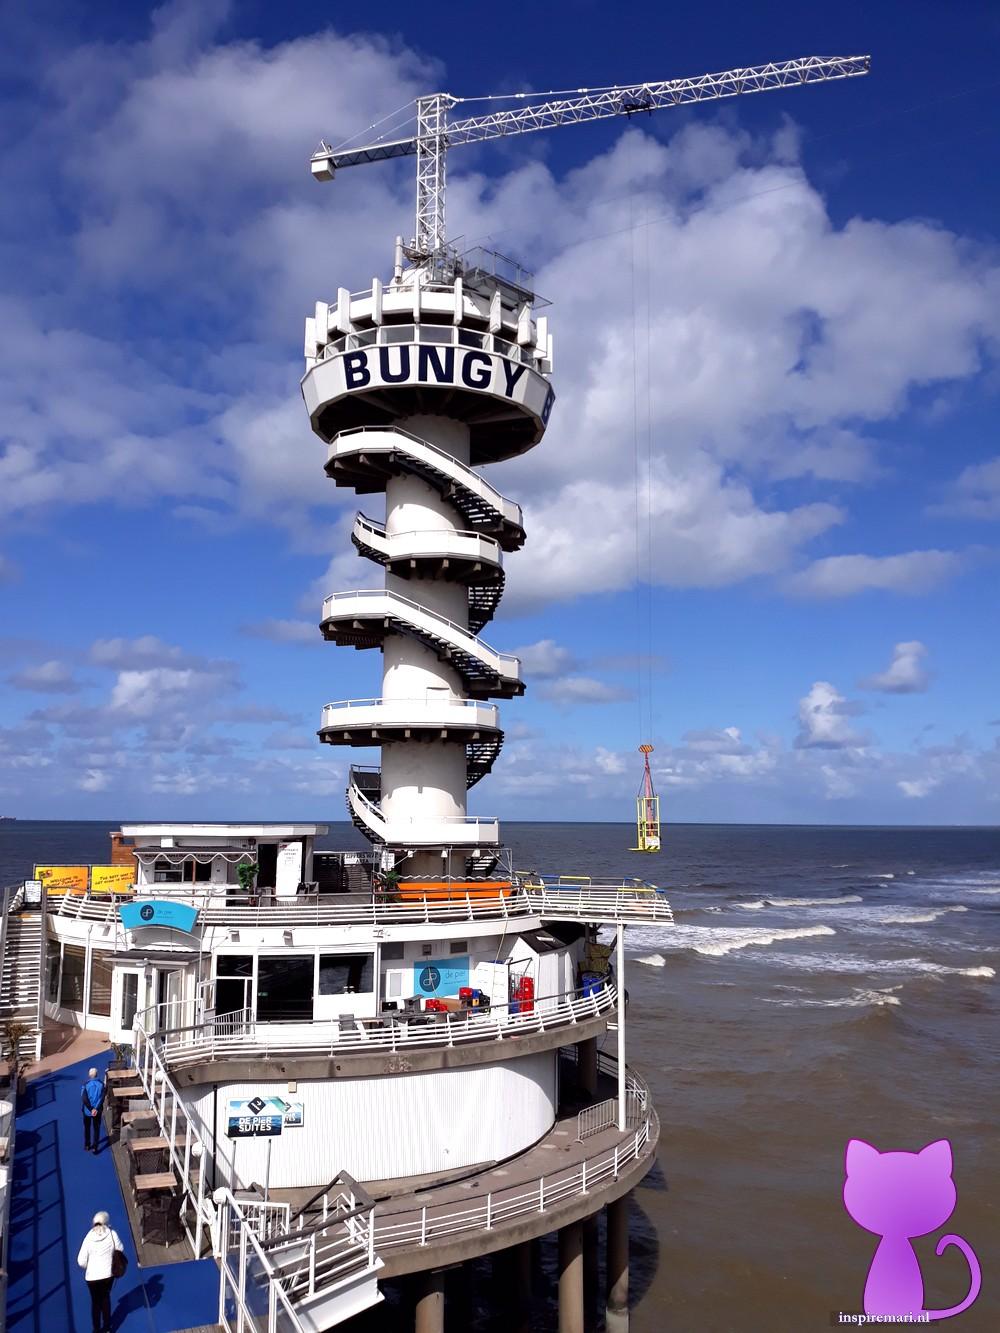 Bungee Jump Holland at Scheveningen the Netherlands